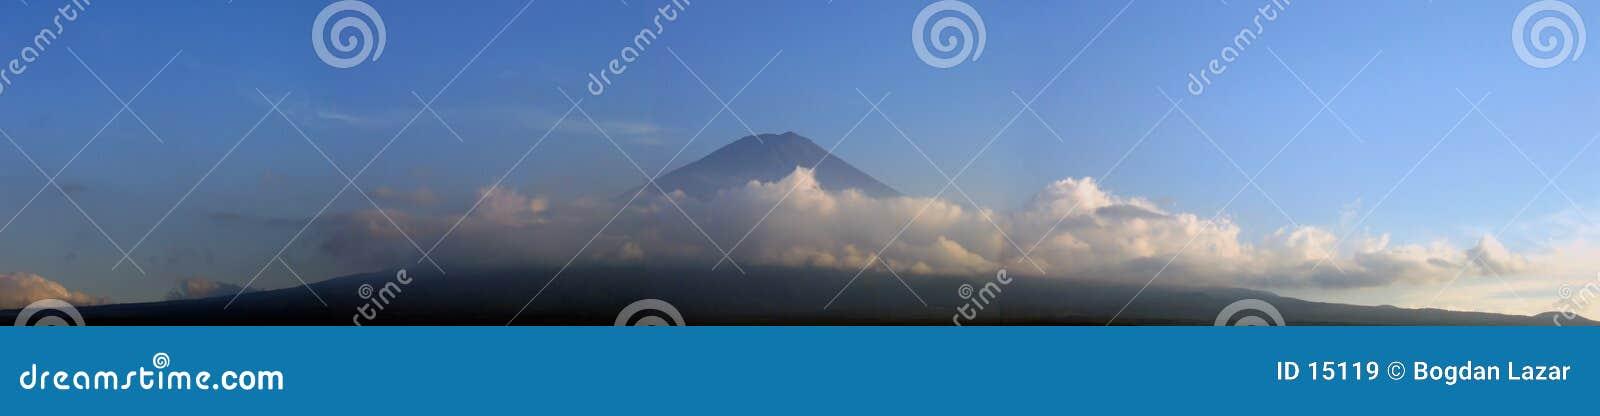 Omgiven panorama för oklarhetsfuji montering